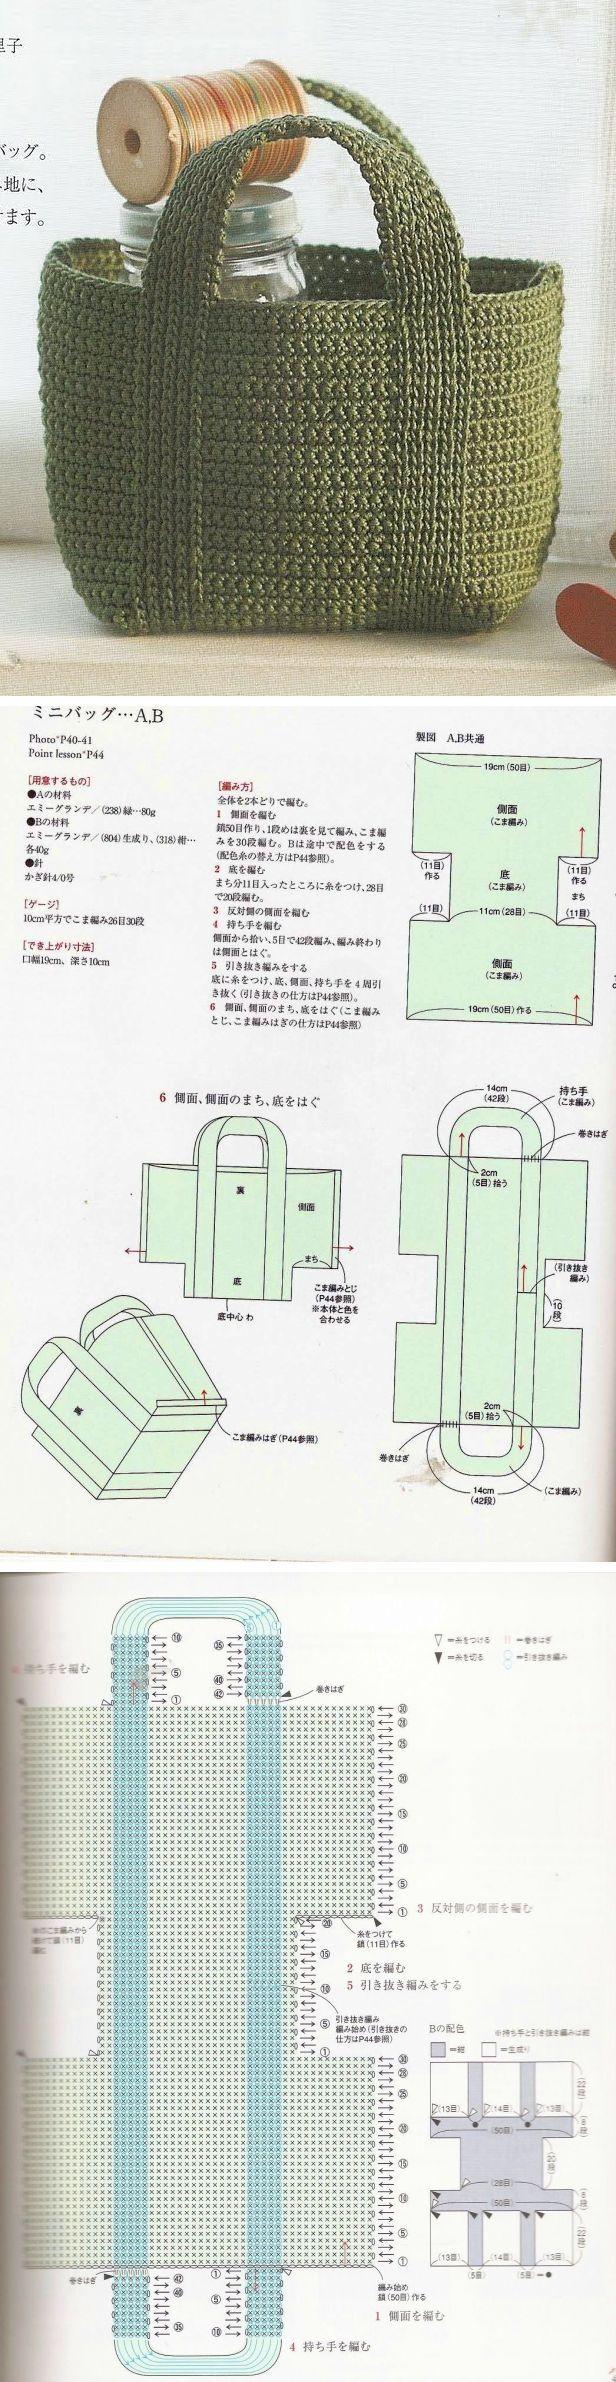 Crochet Bag - Free Crochet Diagram - (roseviana.blogspot) | Çanta ...